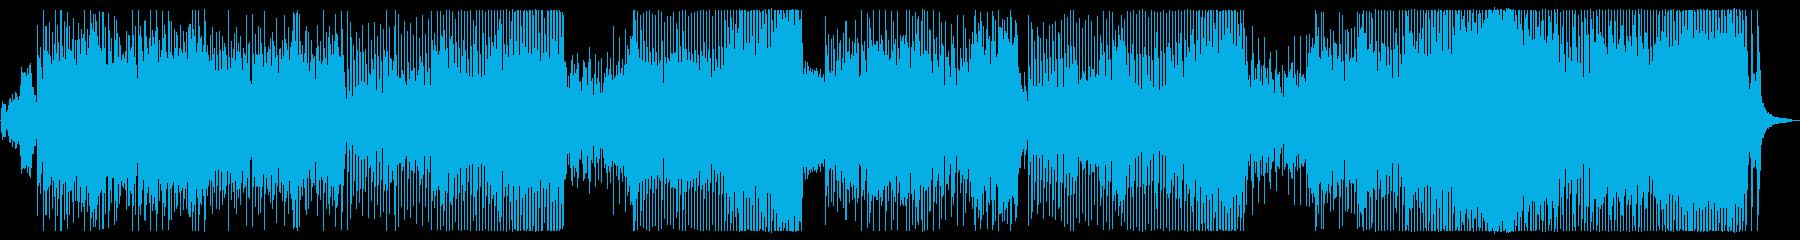 フィガロの結婚 POP remixの再生済みの波形